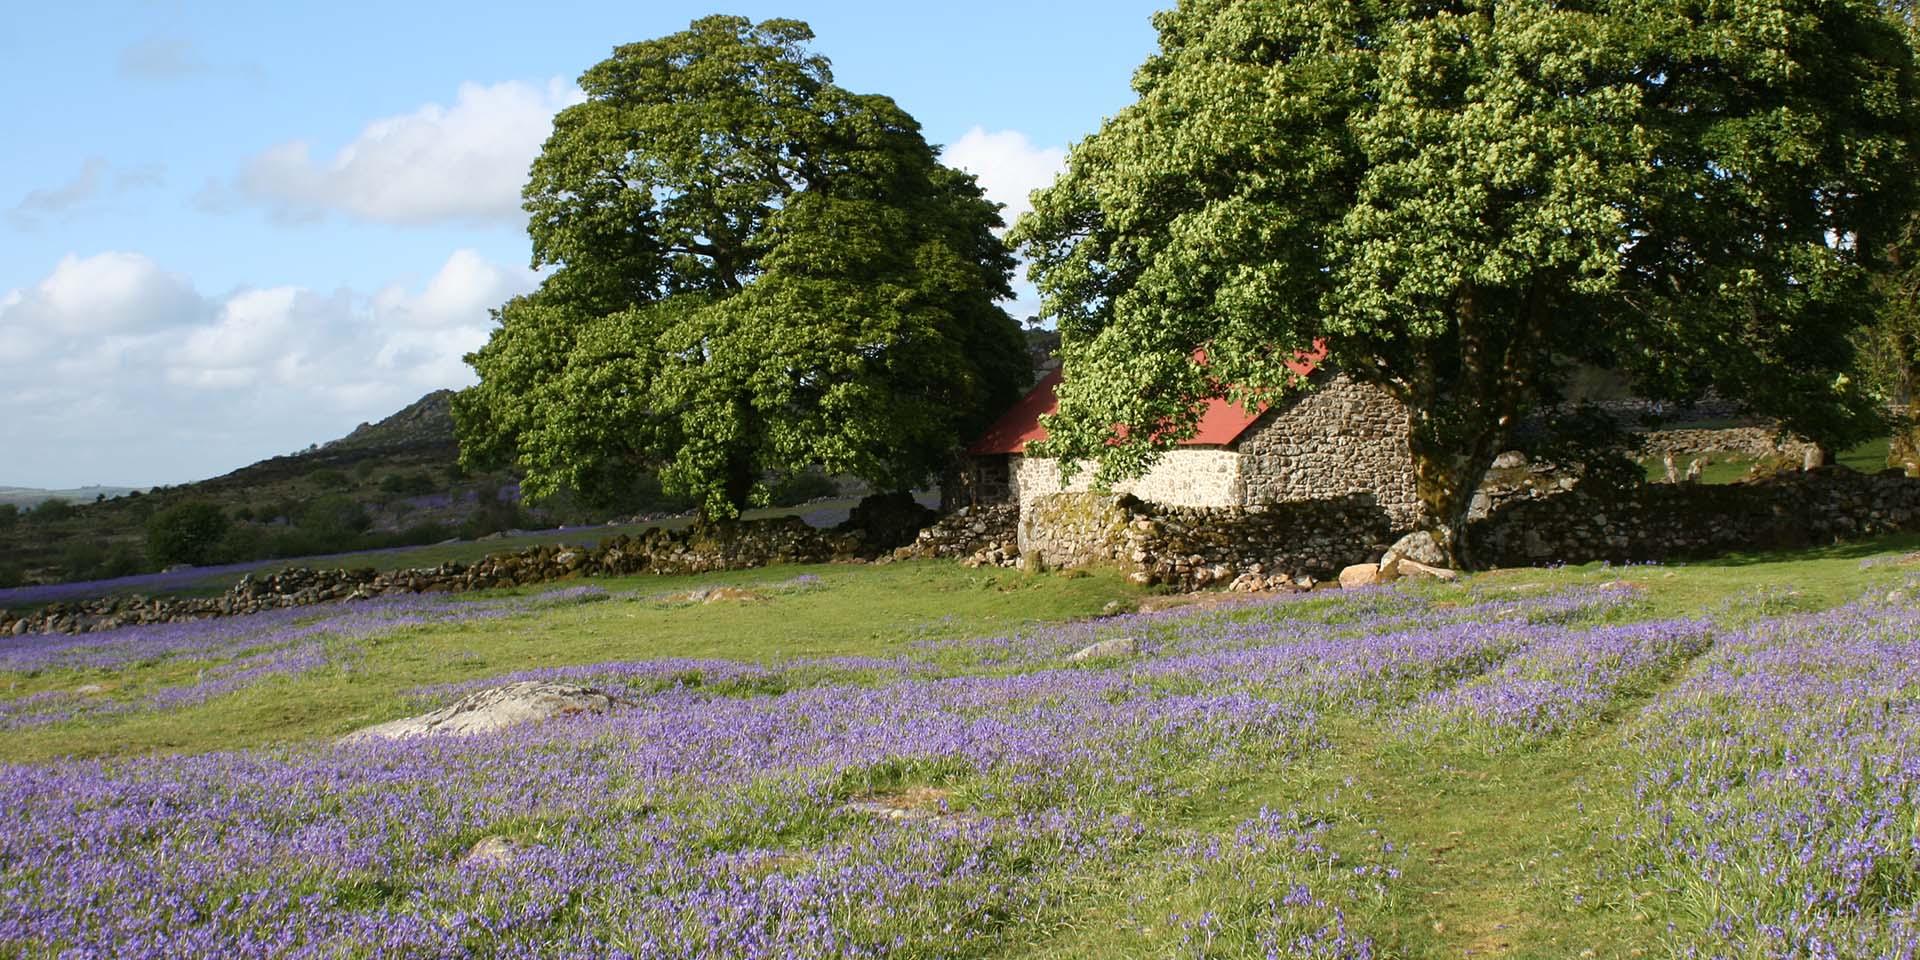 Emsworthy barn and bluebells